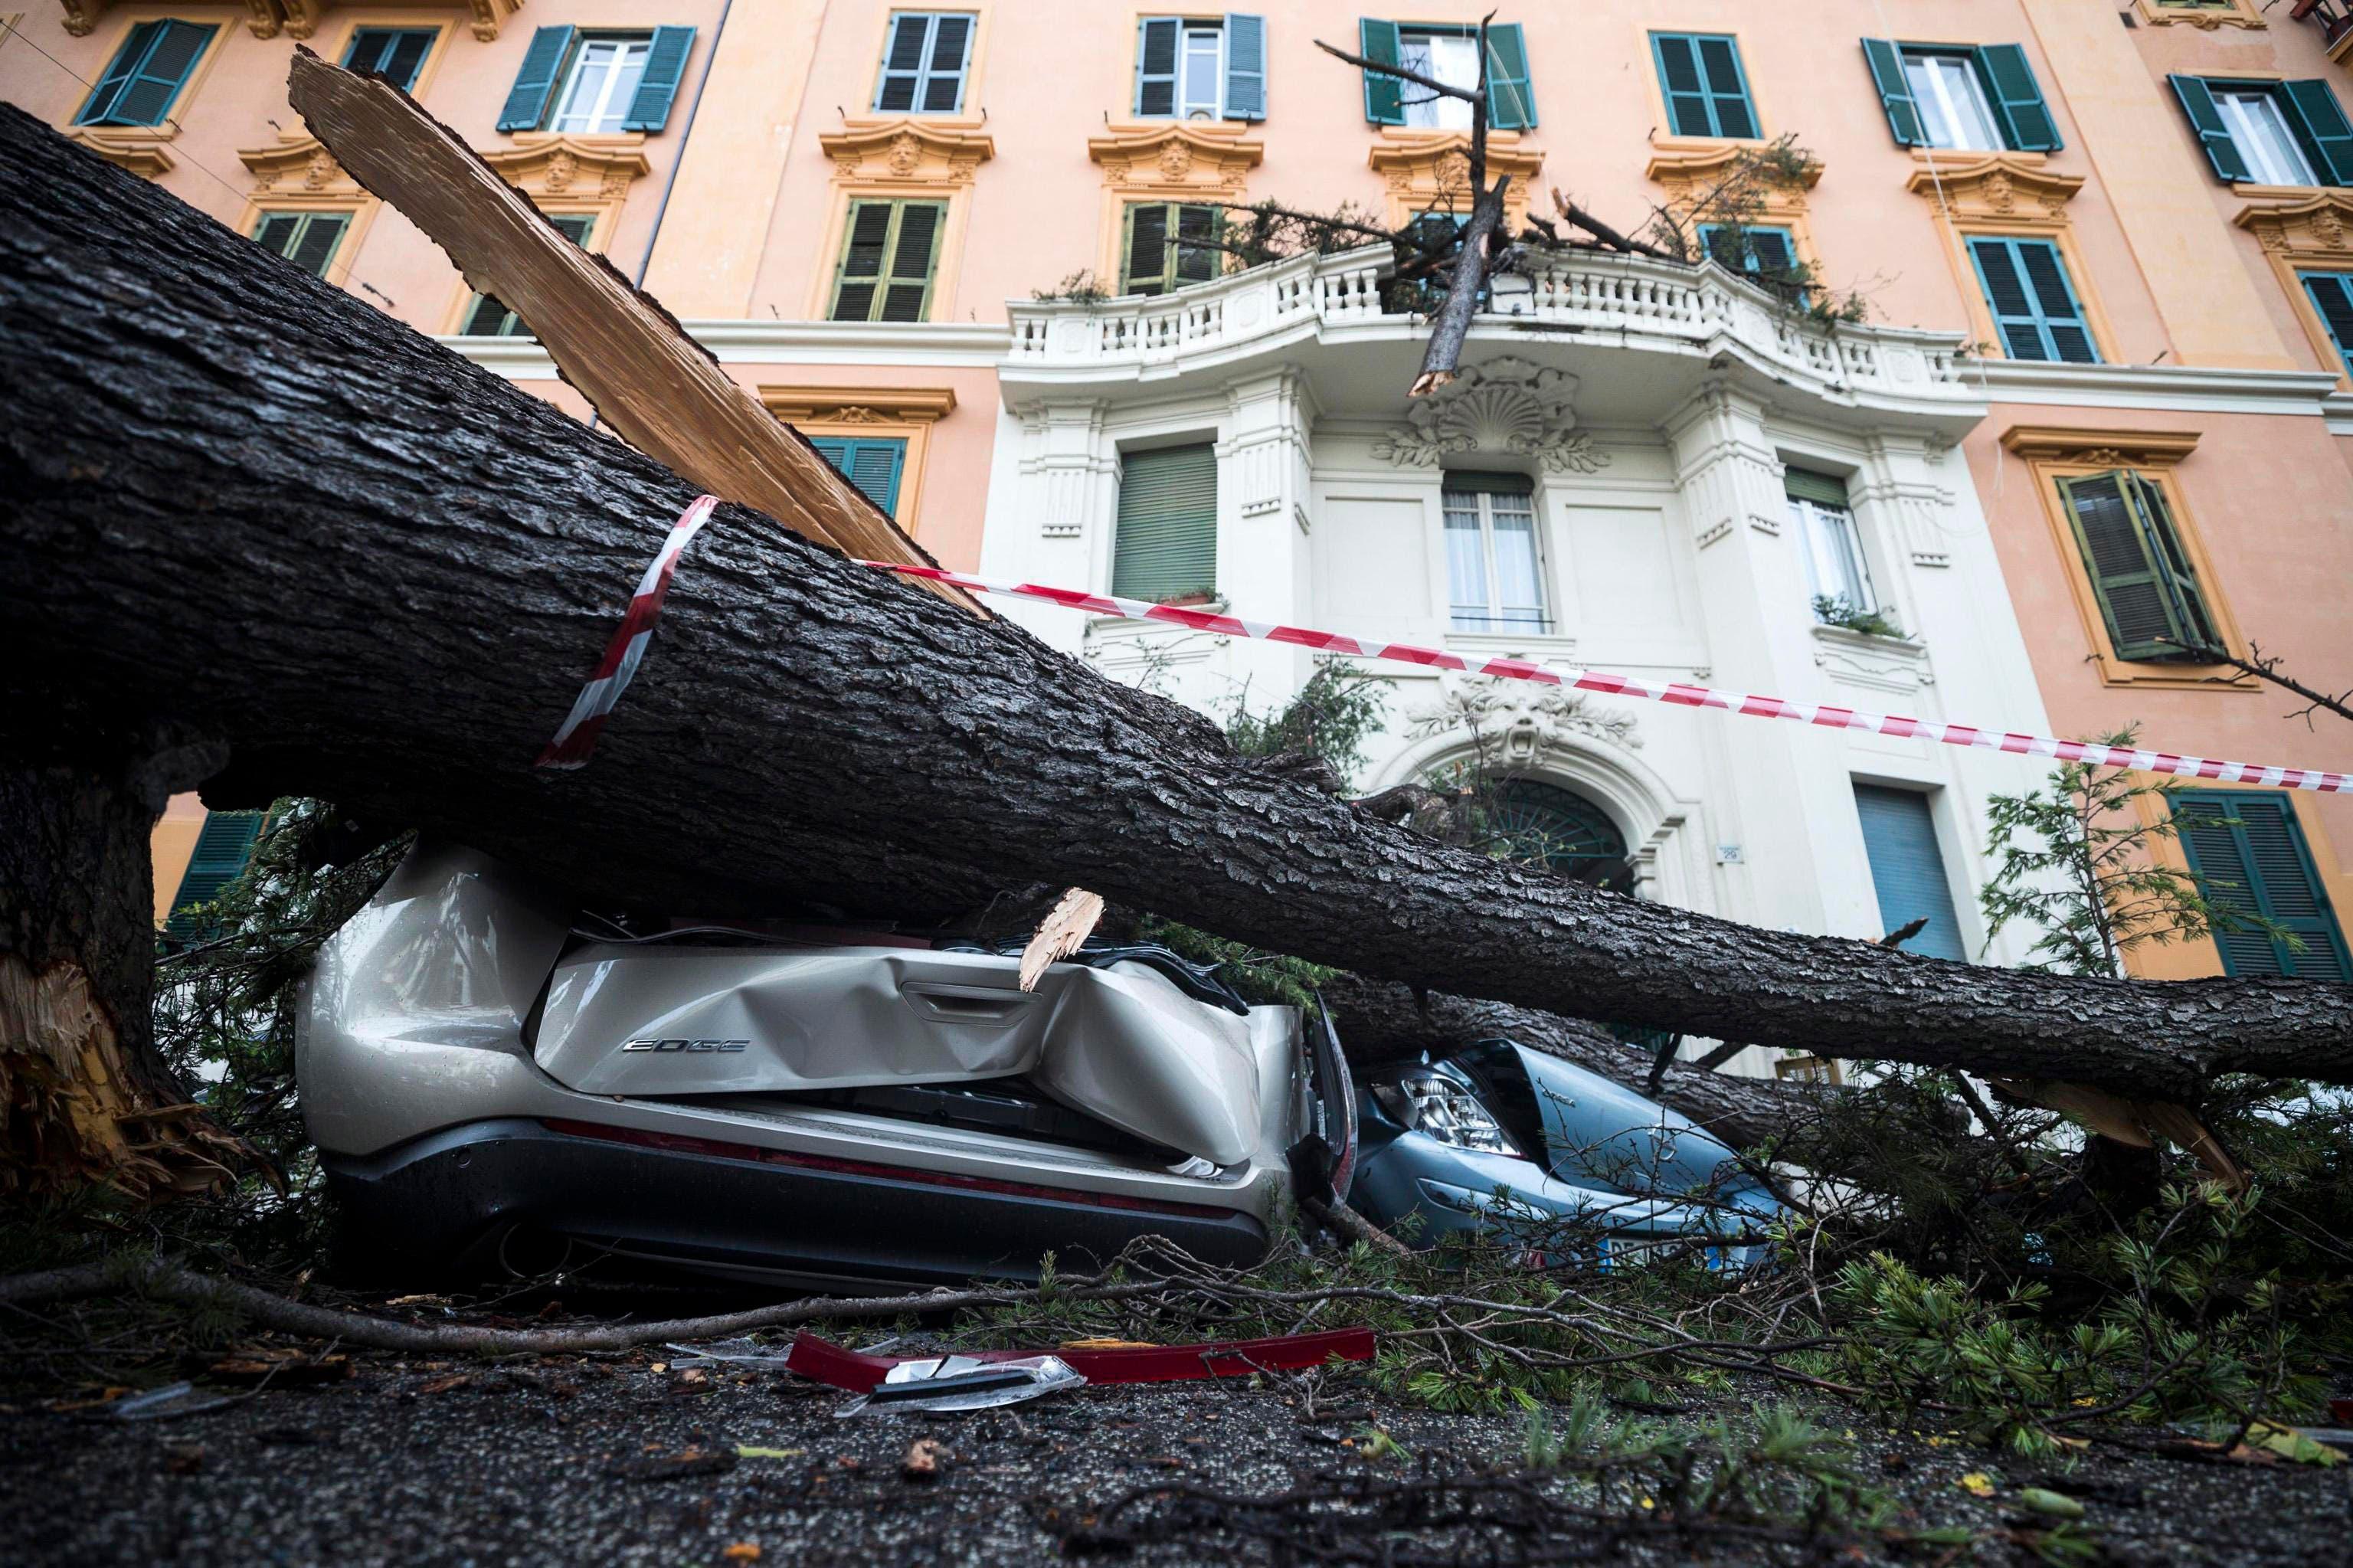 In Rom zerstörte ein umgestürzter Baum mehrere Autos. (Bild: Angelo Carconi/ANSA via AP (29. Oktober 2019))